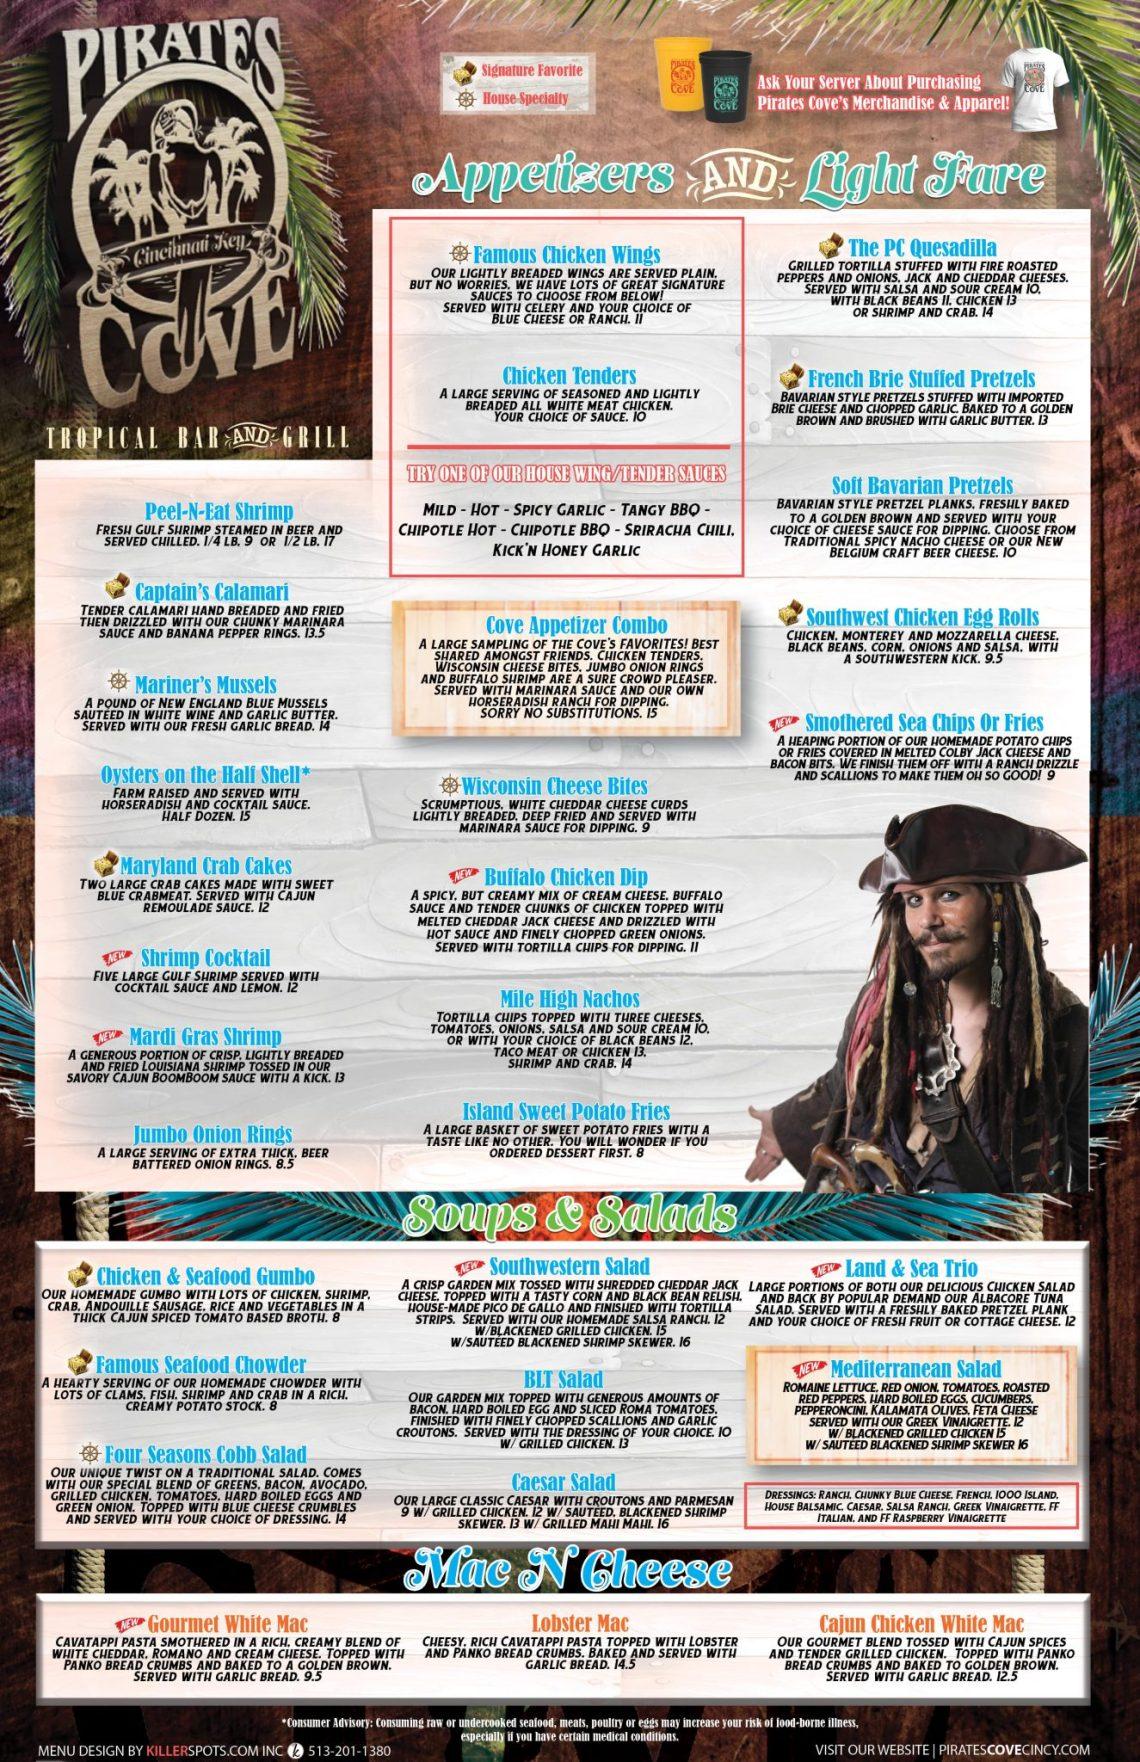 pirates-cove-menu-2017-min-1